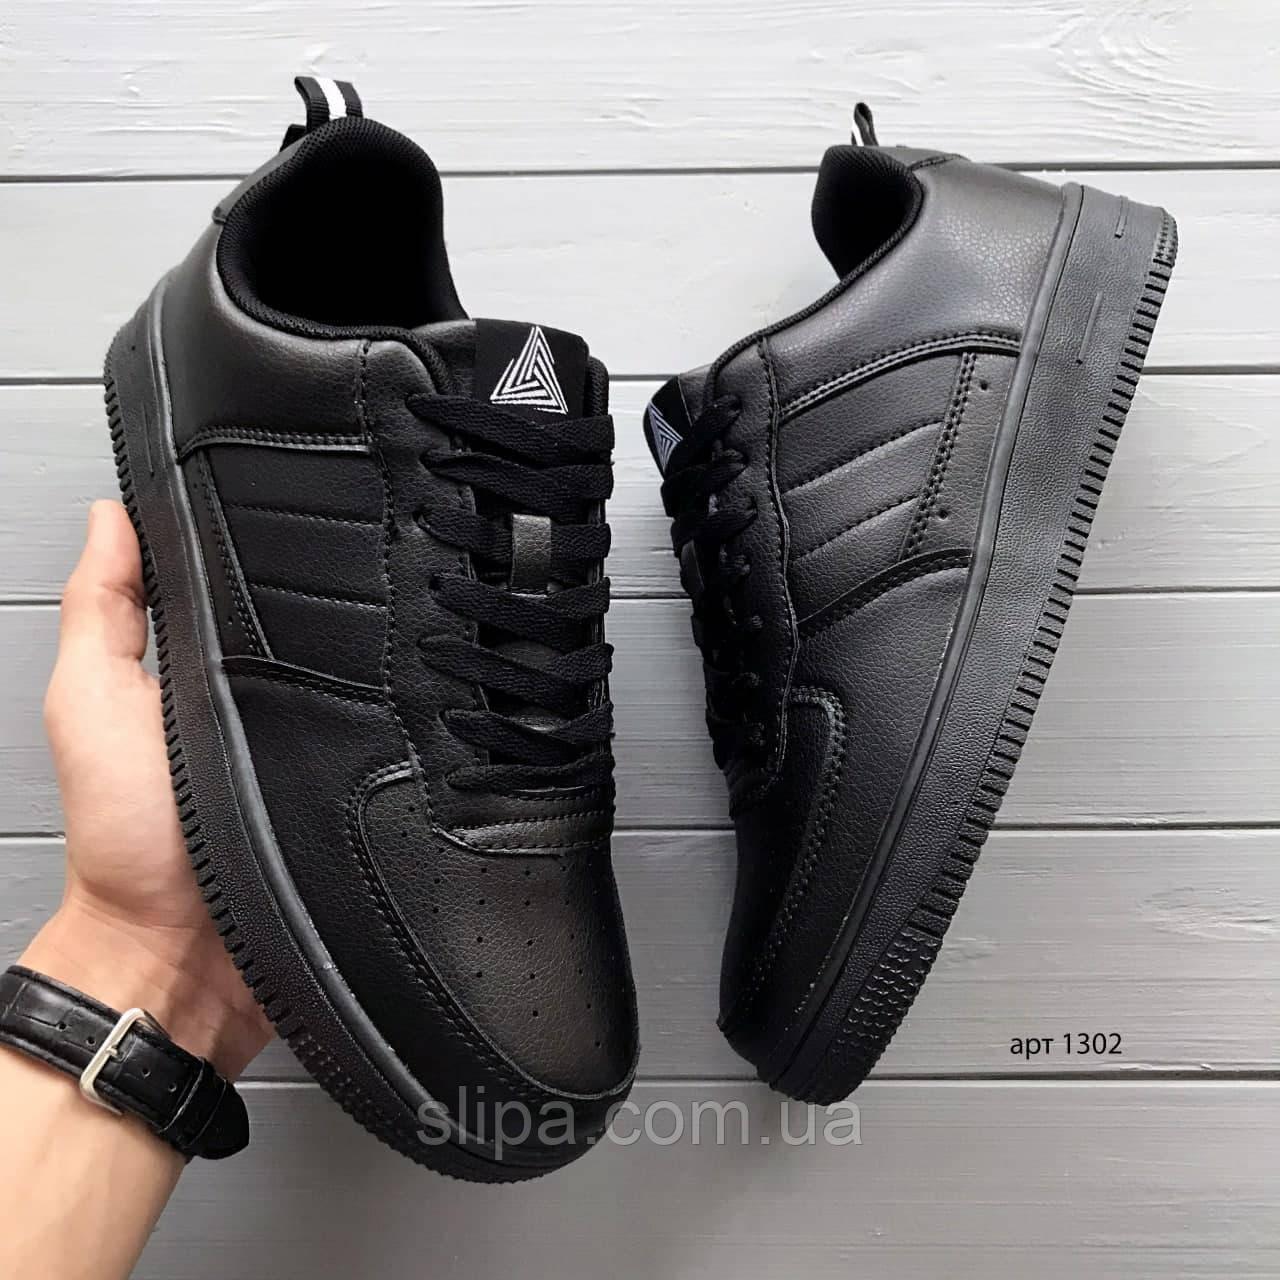 Мужские кожаные кроссовки Forest Black стилизованые под Air Force чёрные